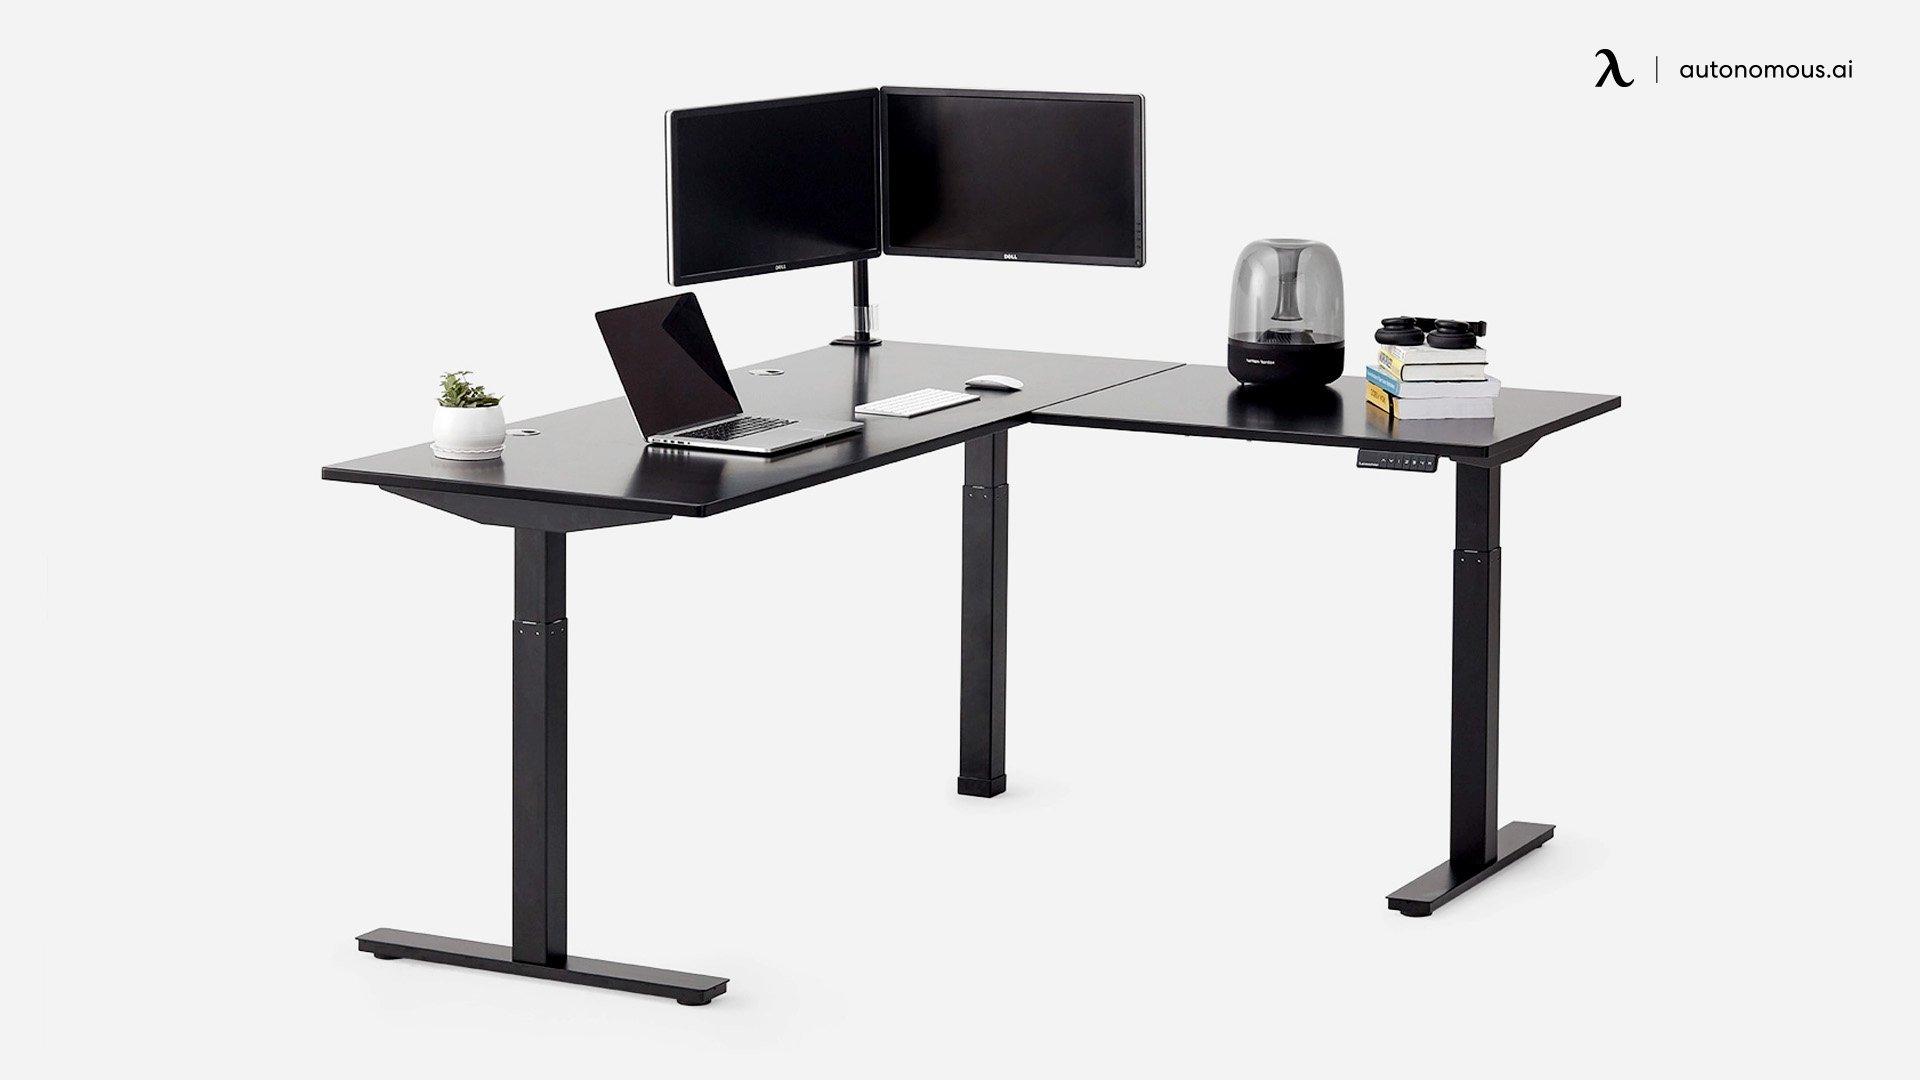 The Autonomous L-Shaped Smart Desk